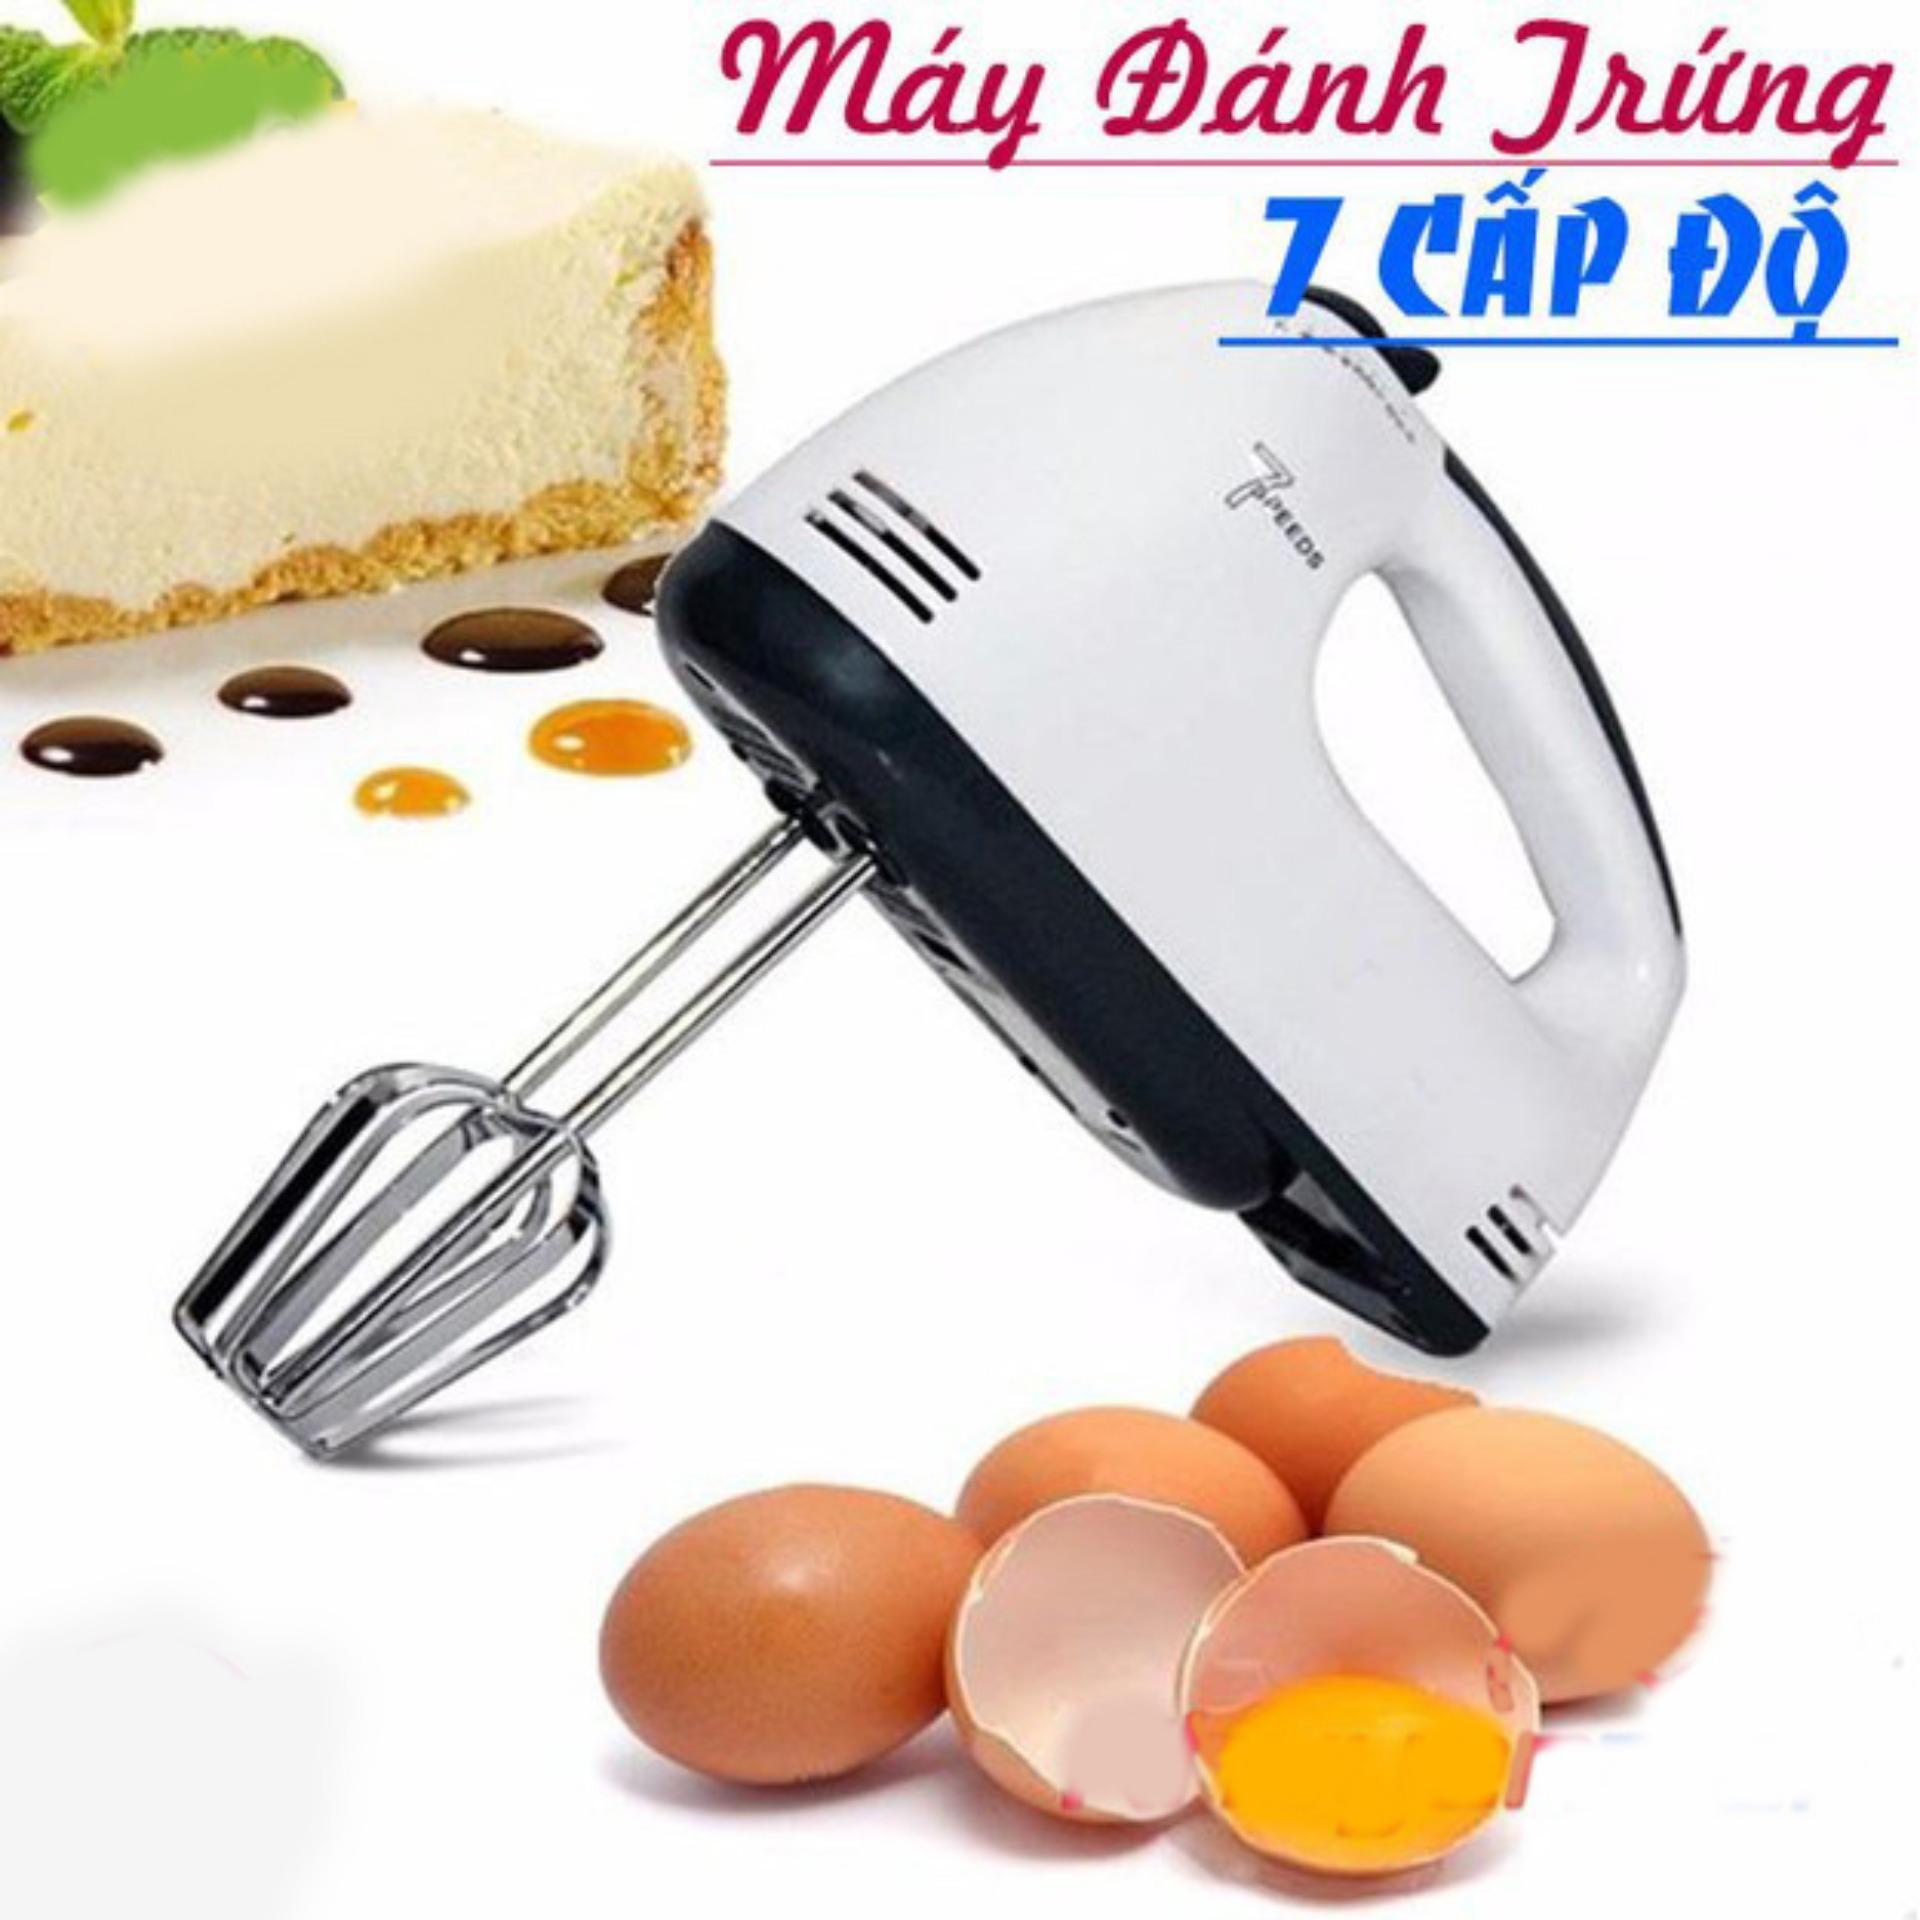 Mua máy đánh trứng cầm tay ở hà nội - Đánh trứng - MÁY ĐÁNH TRỨNG MDT008 - 7 CẤP ĐỘ ĐA NĂNG MẠNH MẼ, THIẾT KẾ THÔNG MINH, VIỆC NỘI TRỢ THẬT ĐƠN GIẢN, SẢN PHẨM ĐƯỢC CÁC CHUYÊN GIA KHUYÊN DÙNG - 038